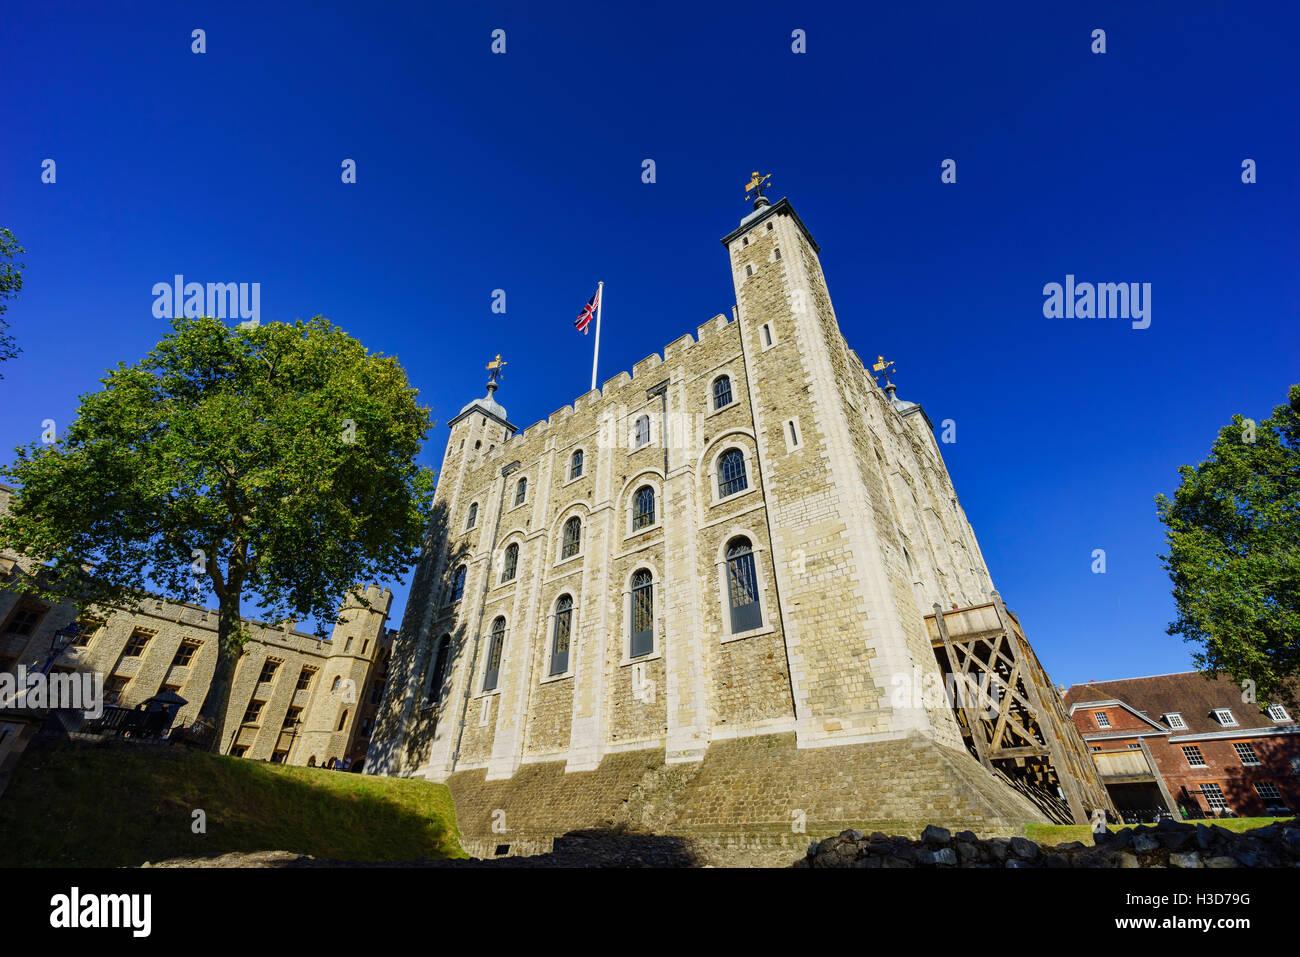 London, SEP 11: Historische und schöne Tower of London am SEP 11, 2016 in London, Vereinigtes Königreich Stockbild